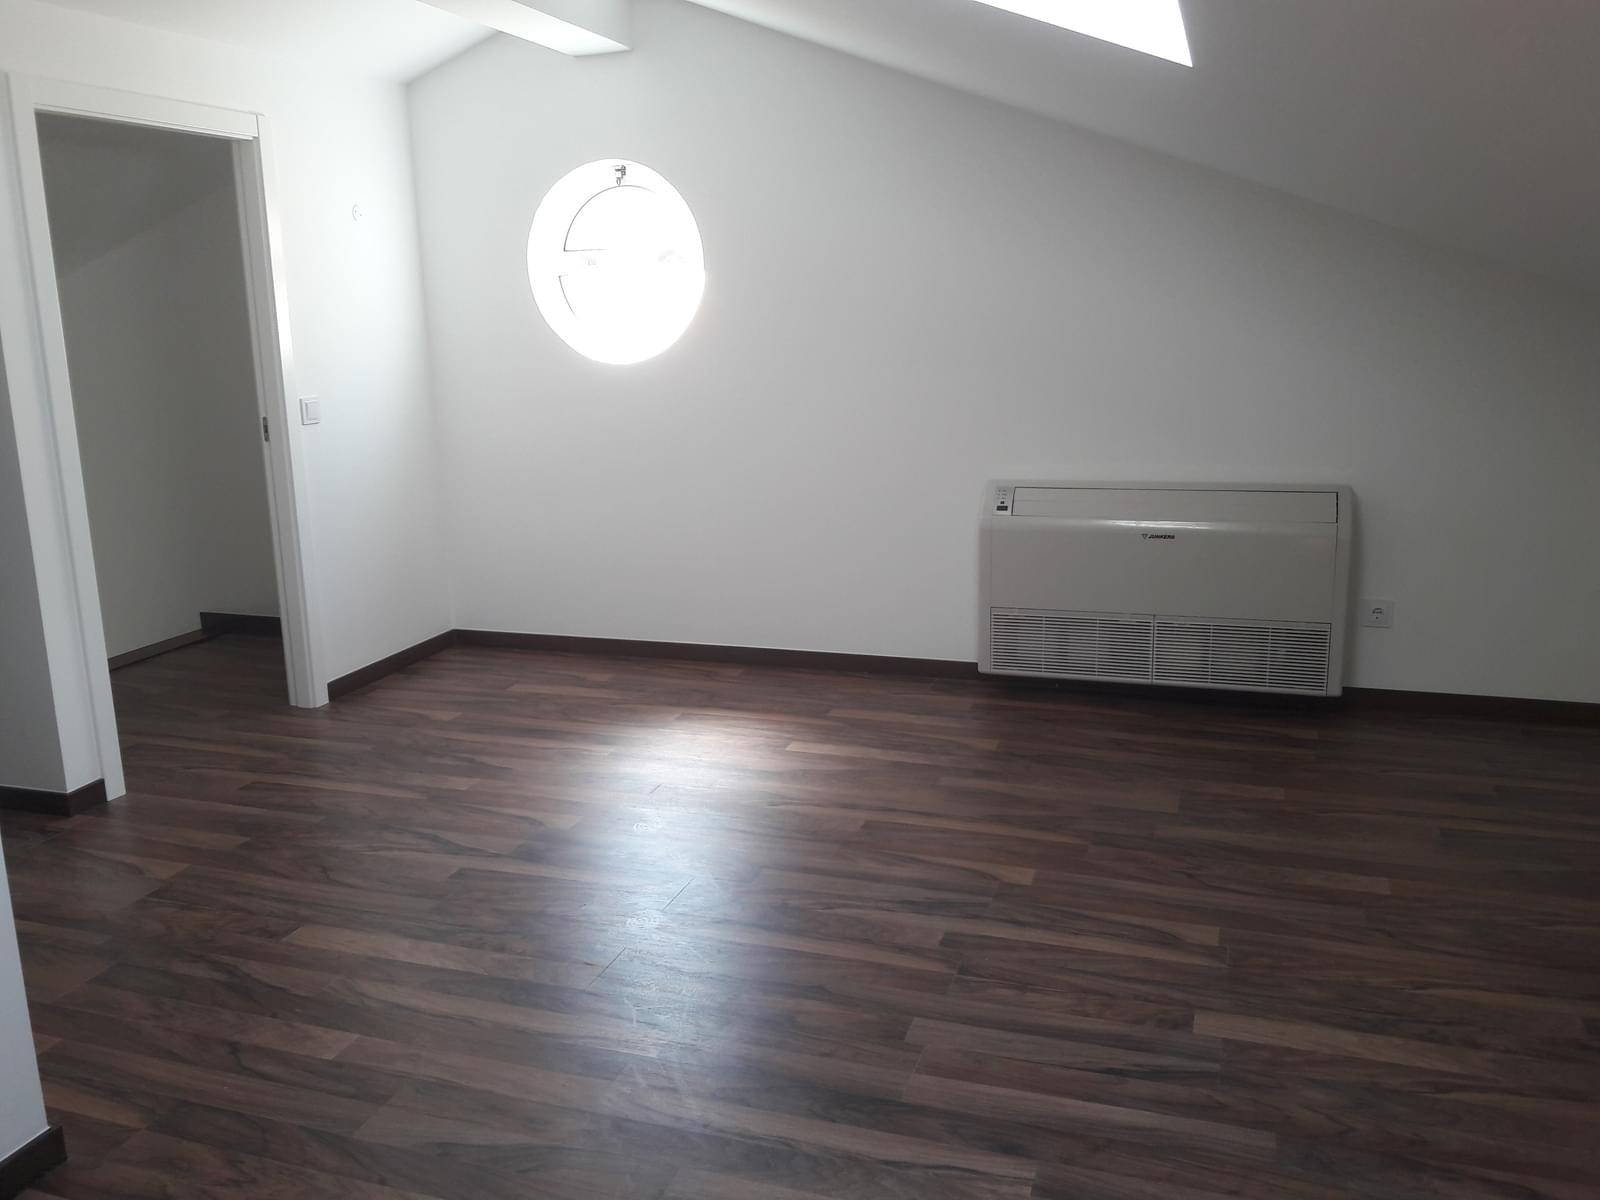 pf18025-apartamento-t3-225dcfc2-2911-46e7-a9cd-fa9f1d65c32d